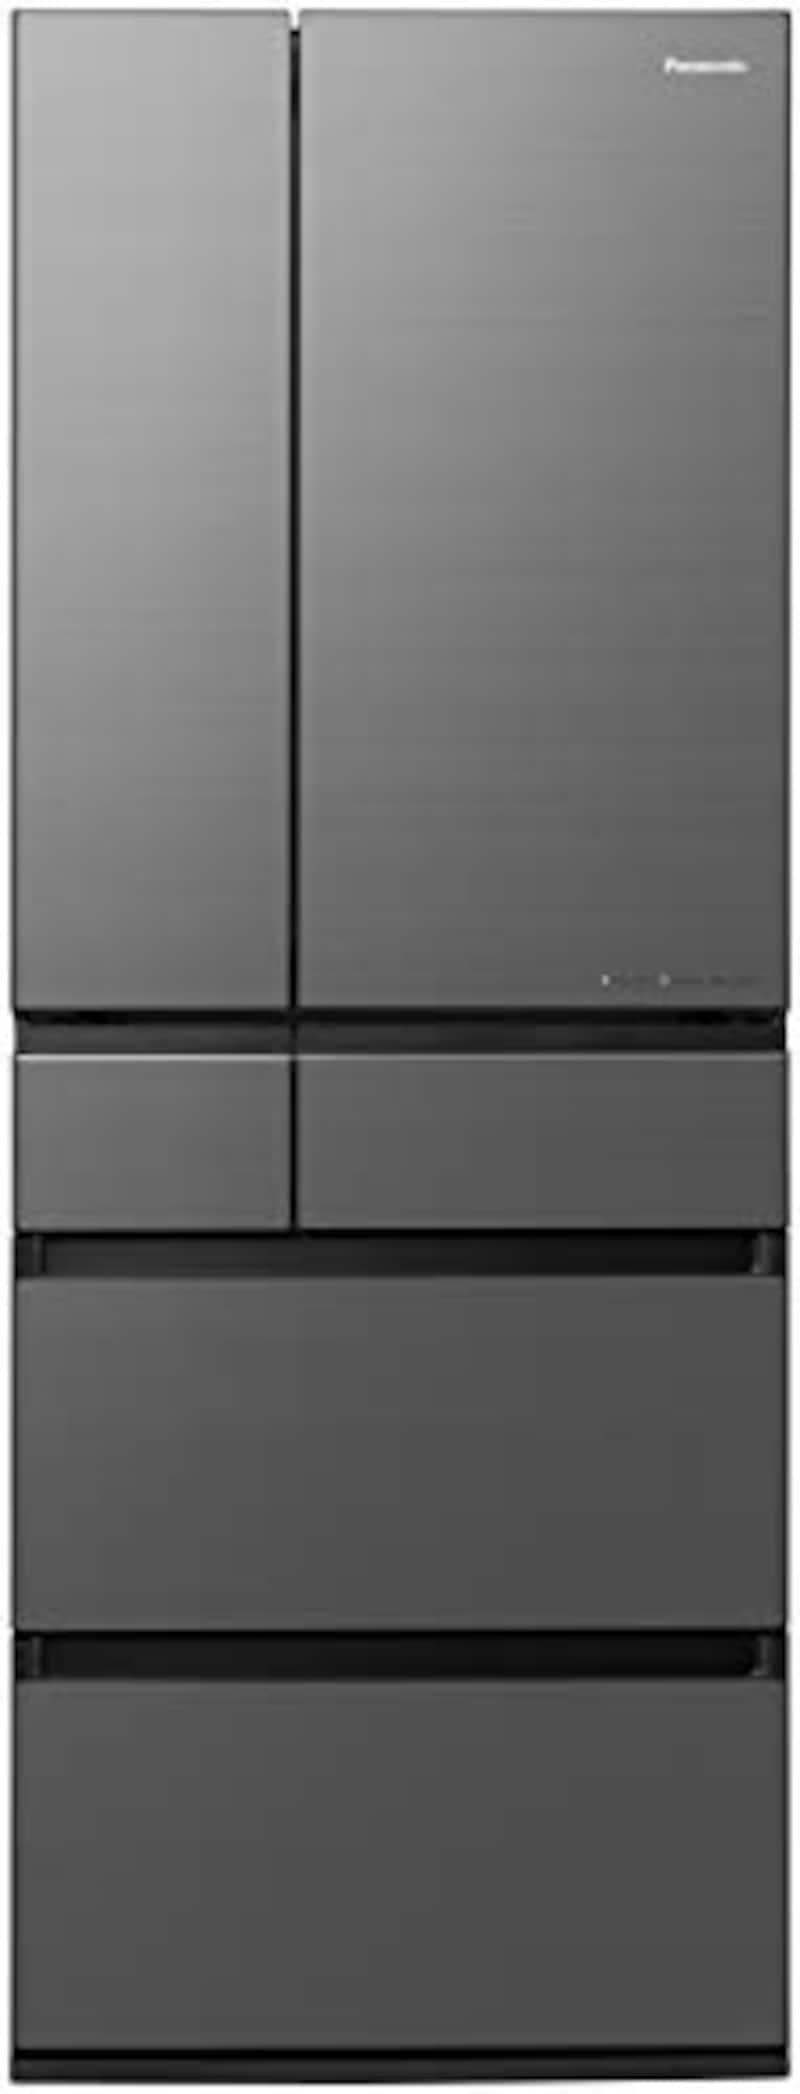 Panasonic(パナソニック),IoT対応6ドア冷蔵庫 ミスティスチールグレー,NR-F607WPX-H